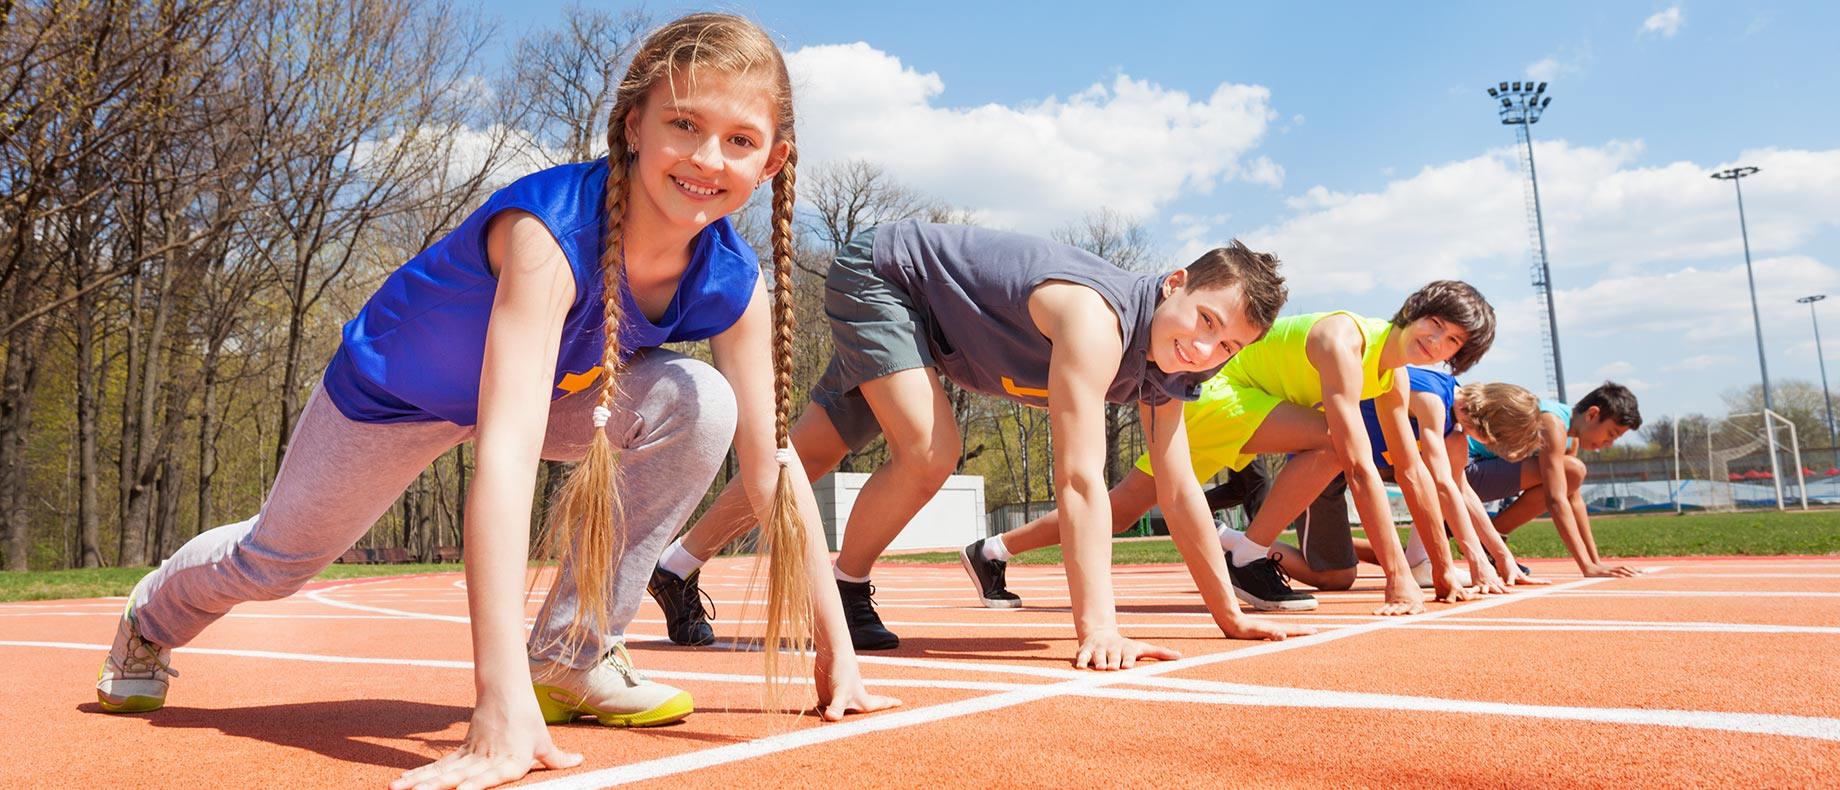 586038aa60 Esportes de marca - Portal de Educação do Instituto NET Claro Embratel